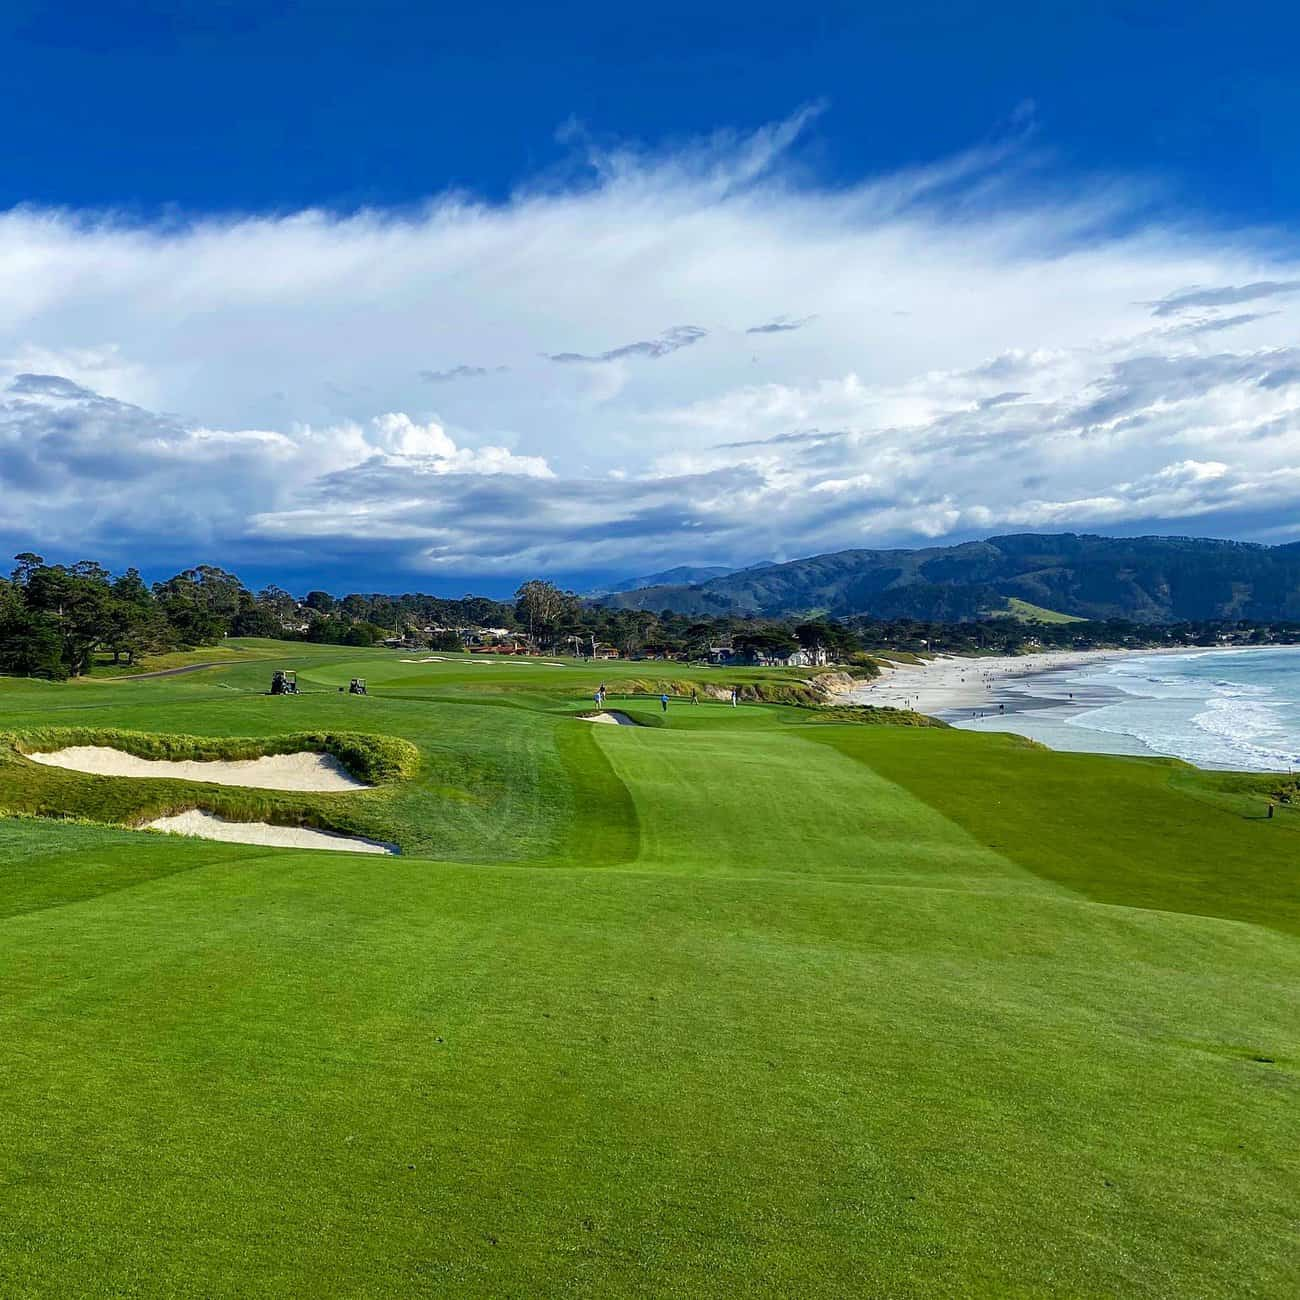 Pebble Beach Golf Links 9th hole